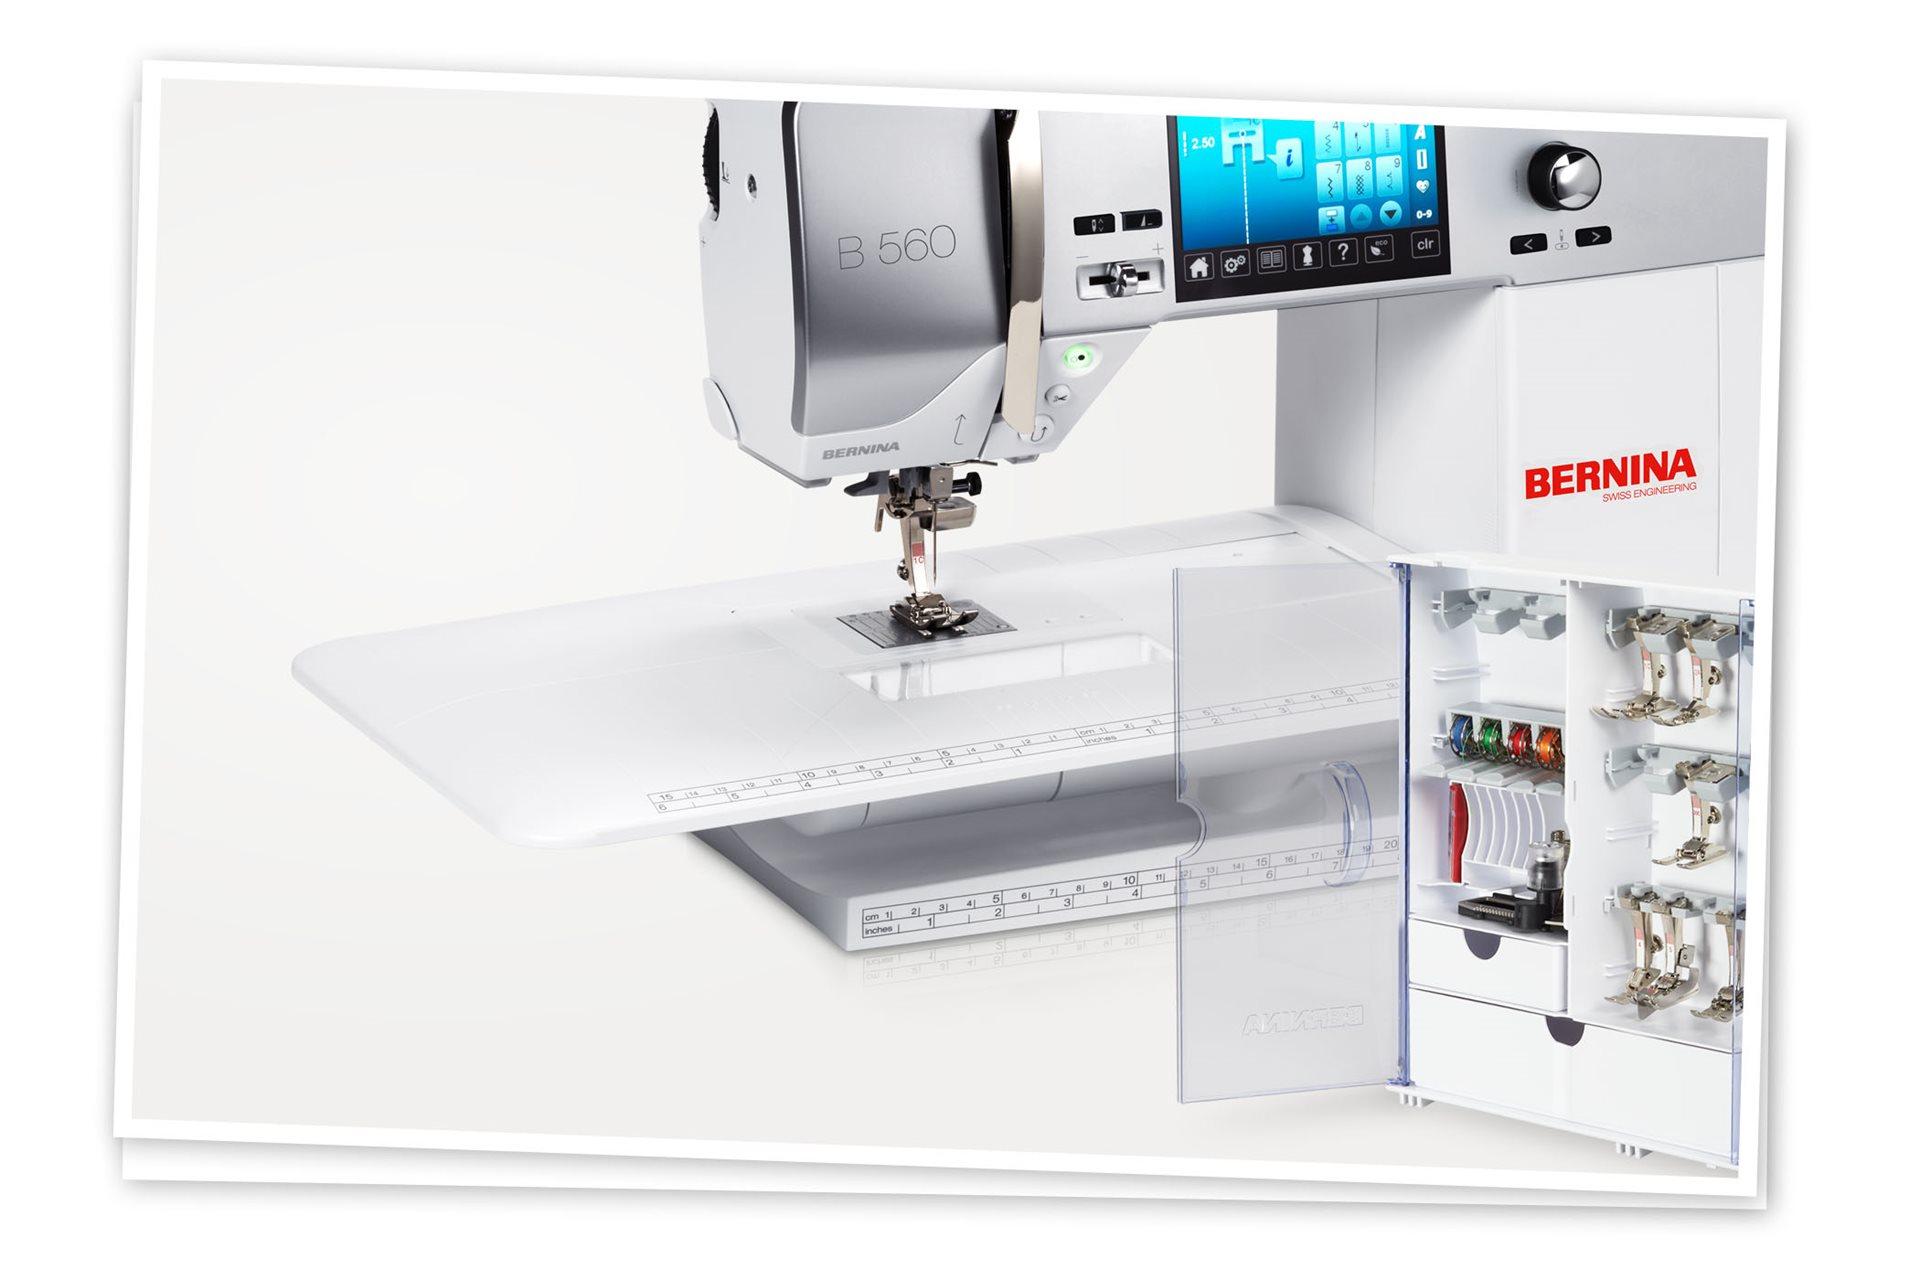 B 560 поставляется с приставным столиком и коробкой принадлежностей